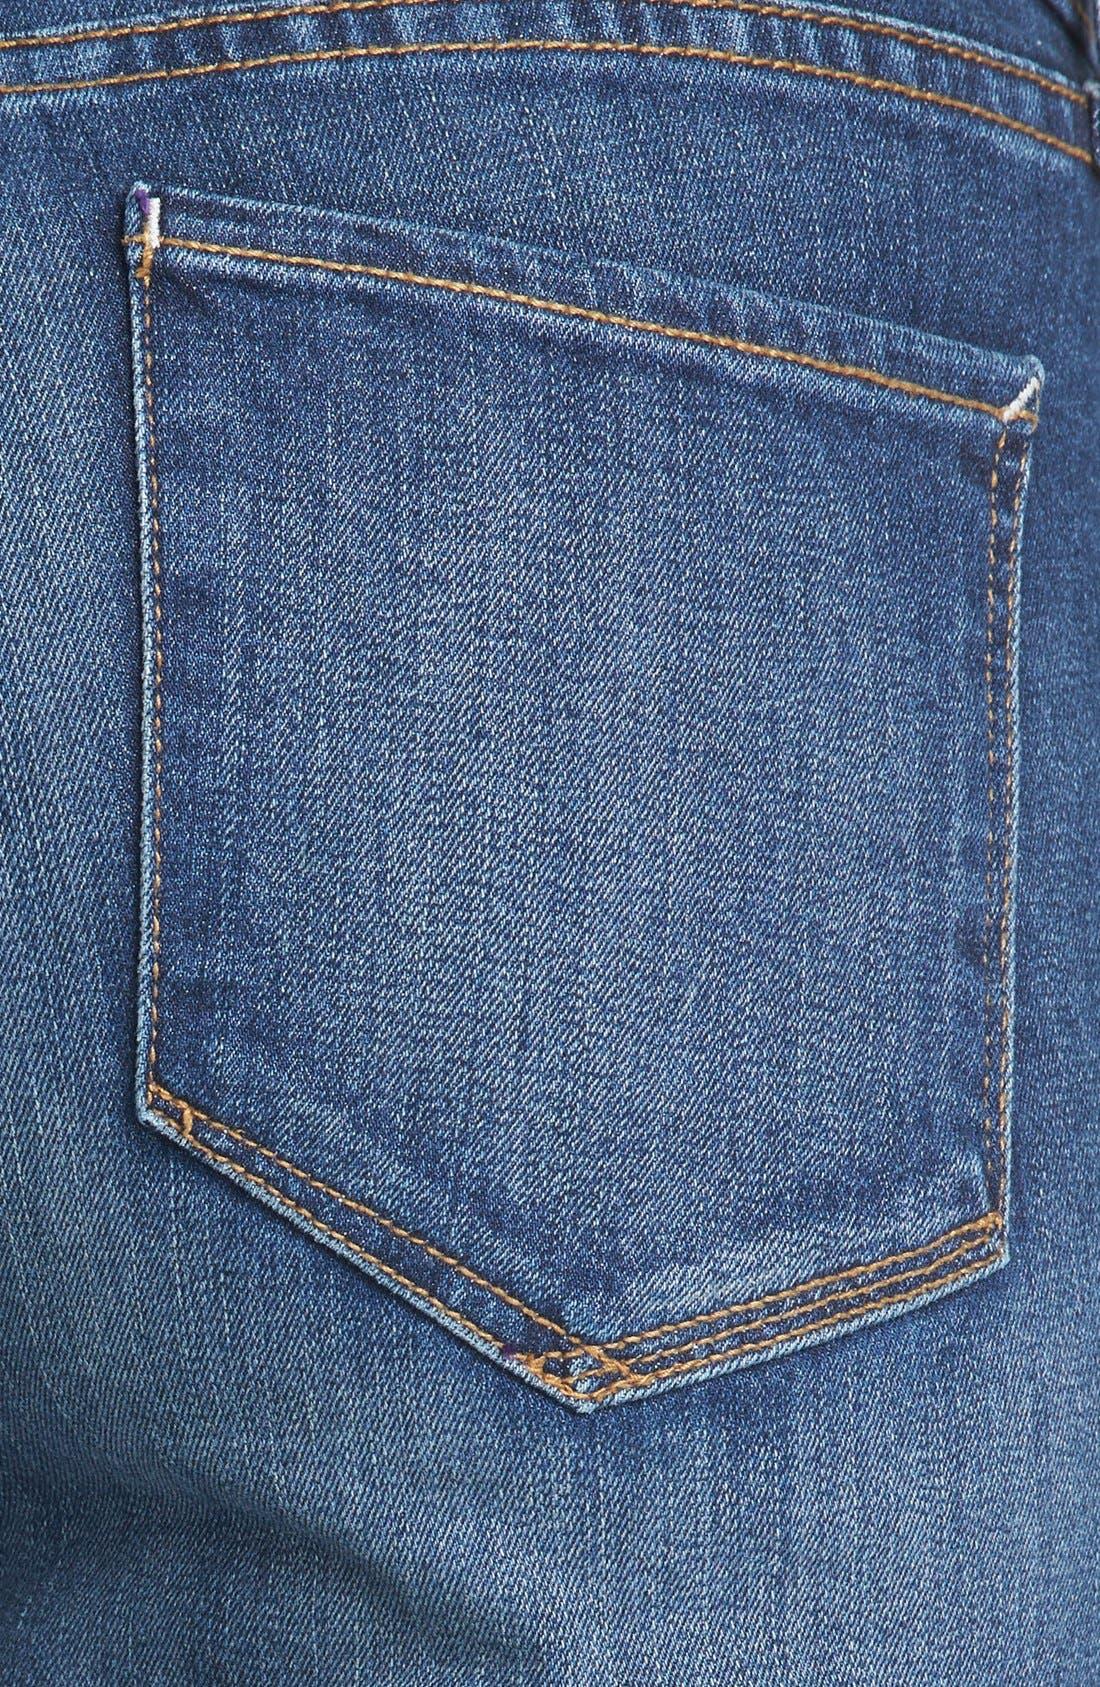 Alternate Image 3  - NYDJ 'Sheri' Stretch Skinny Jeans (Lynbrook)